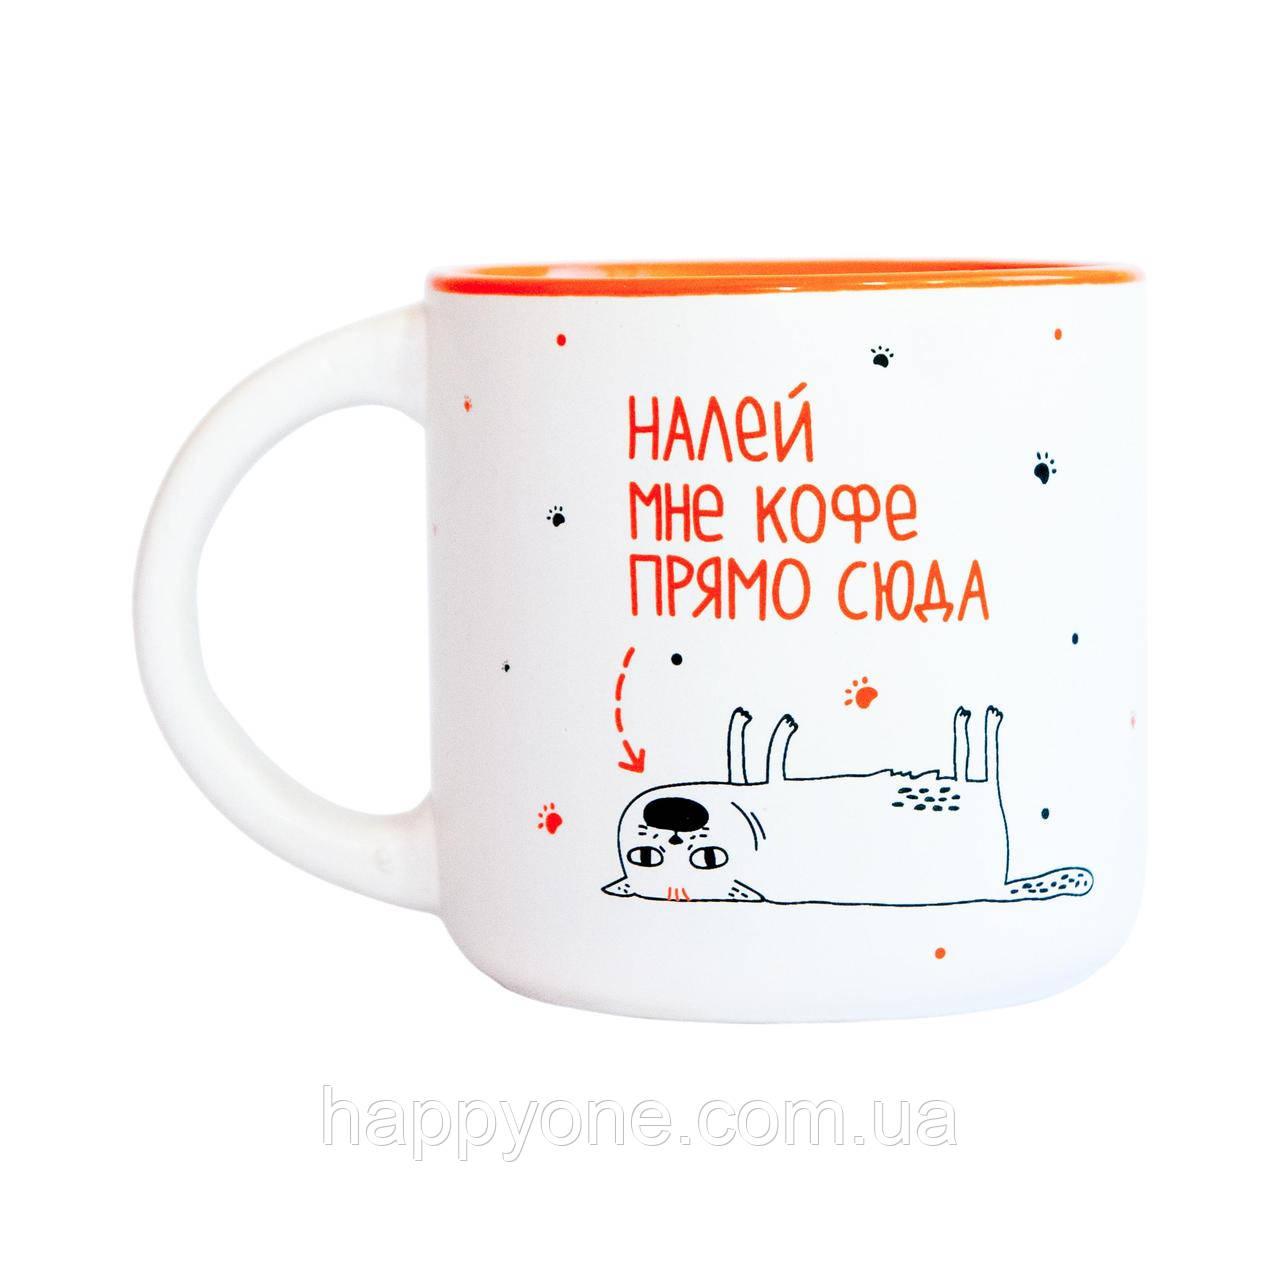 Чашка «Налий мені кави прямо сюди» (350 мл)